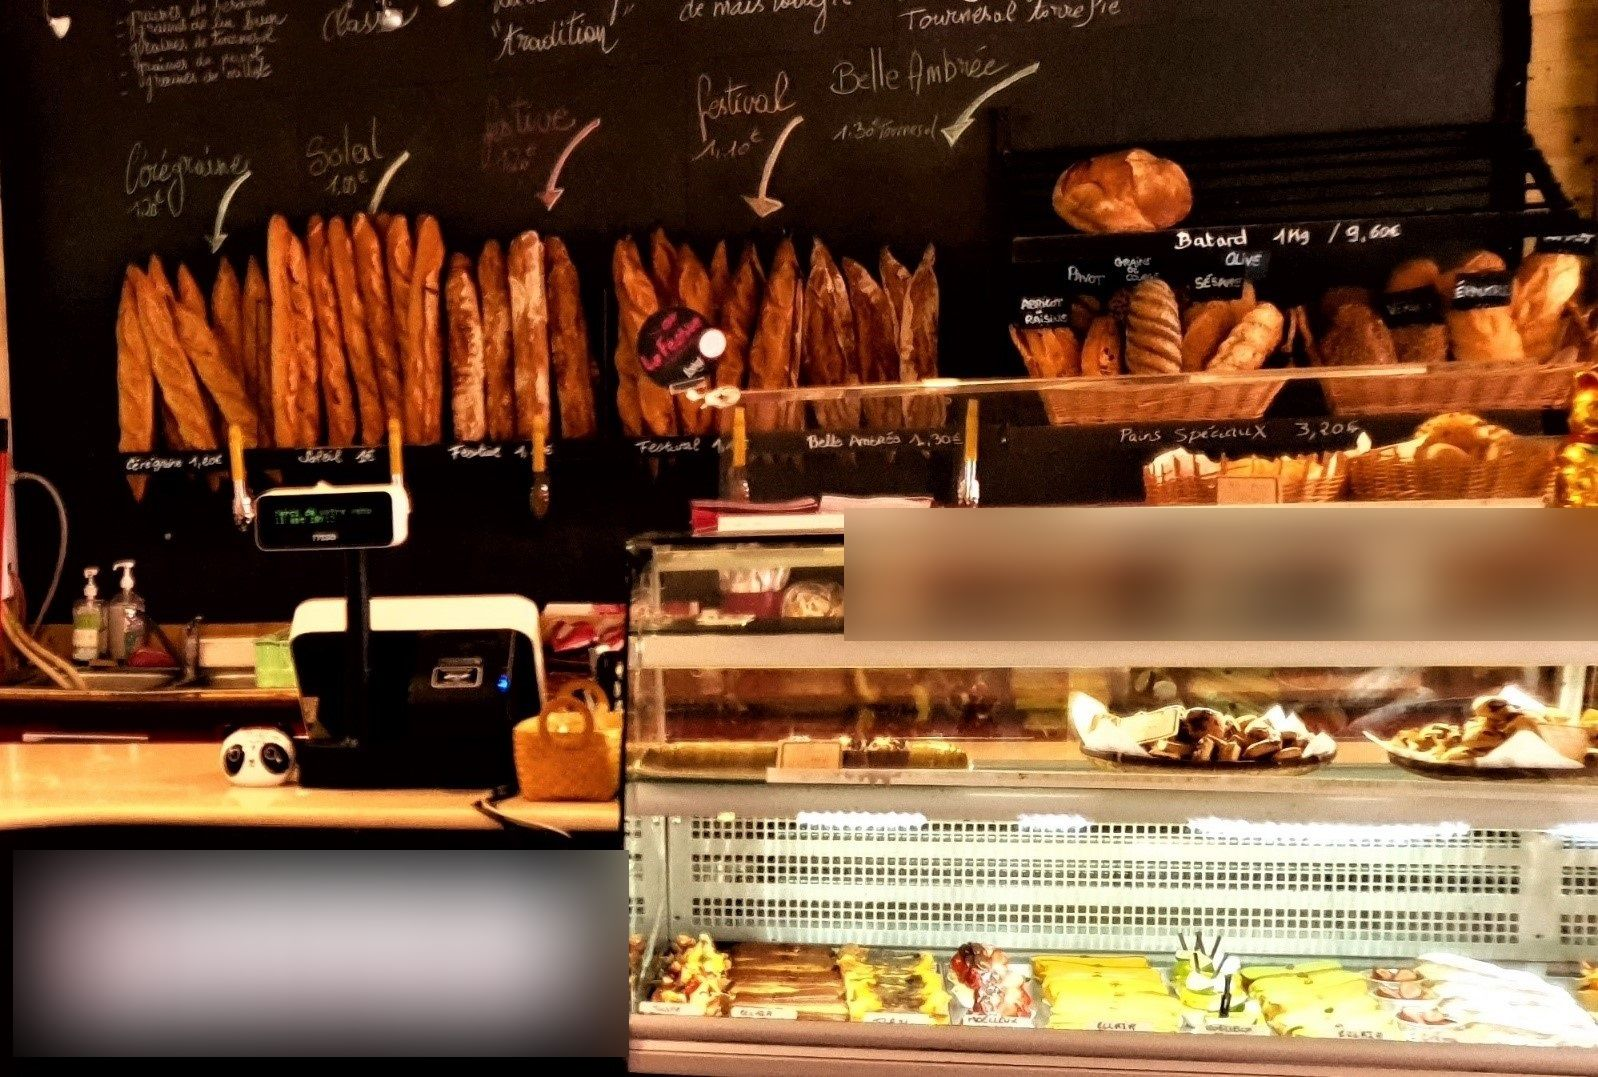 Vente Boulangerie, Pâtisserie, Chocolatier, Traiteur, Sandwicherie / Snack, Restauration rapide 54 couverts avec terrasse à Saint-Denis (97400)